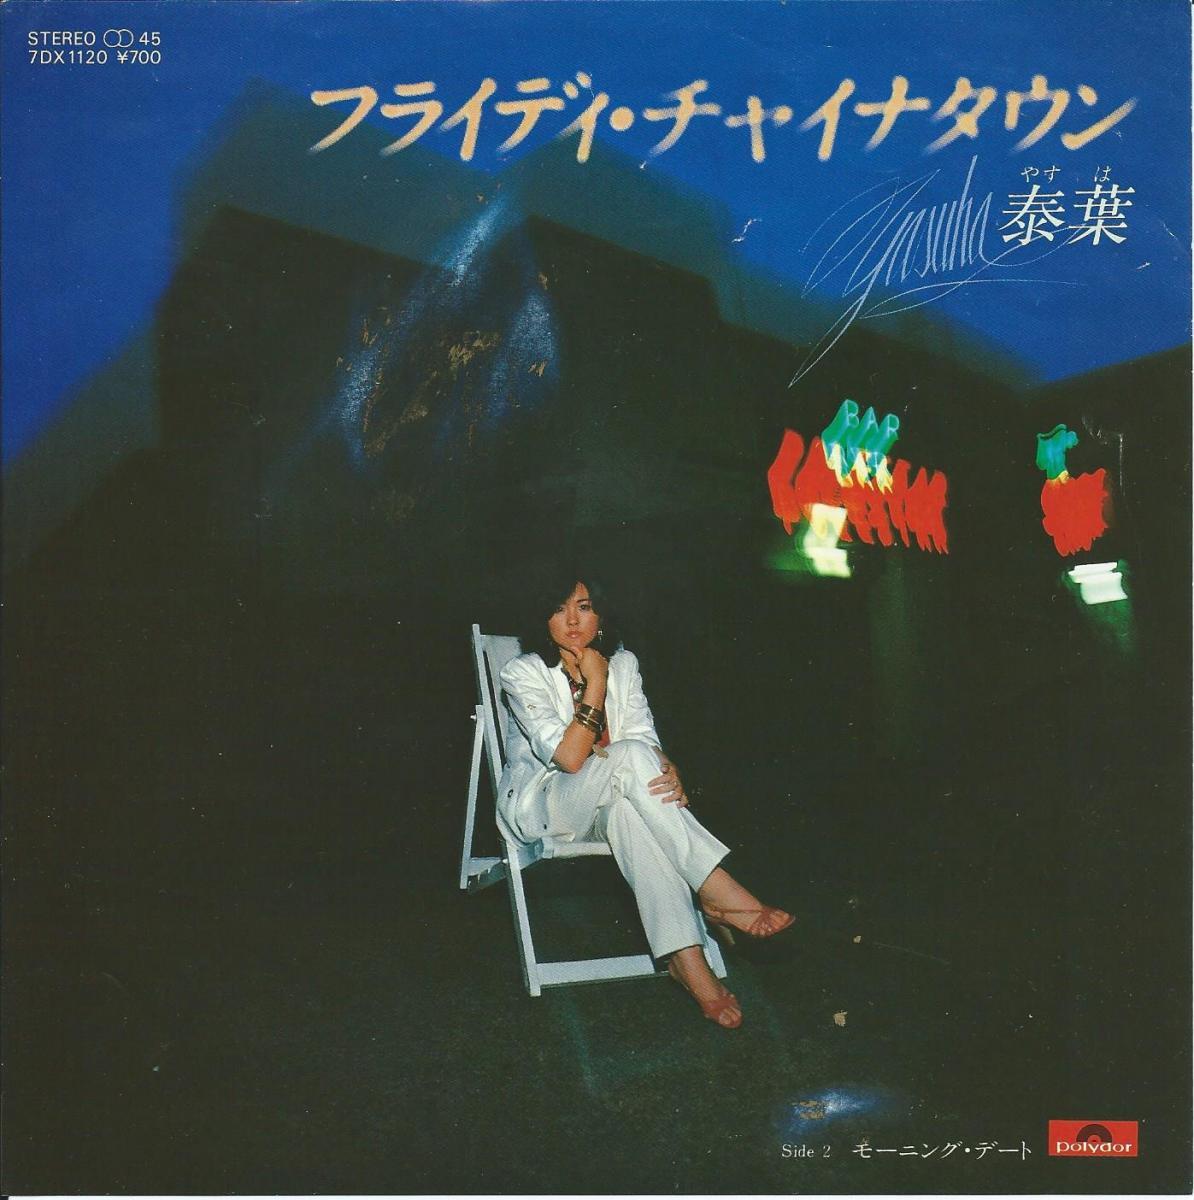 泰葉 YASUHA / フライディ・チャイナタウン FLY-DAY CHINATOWN (7